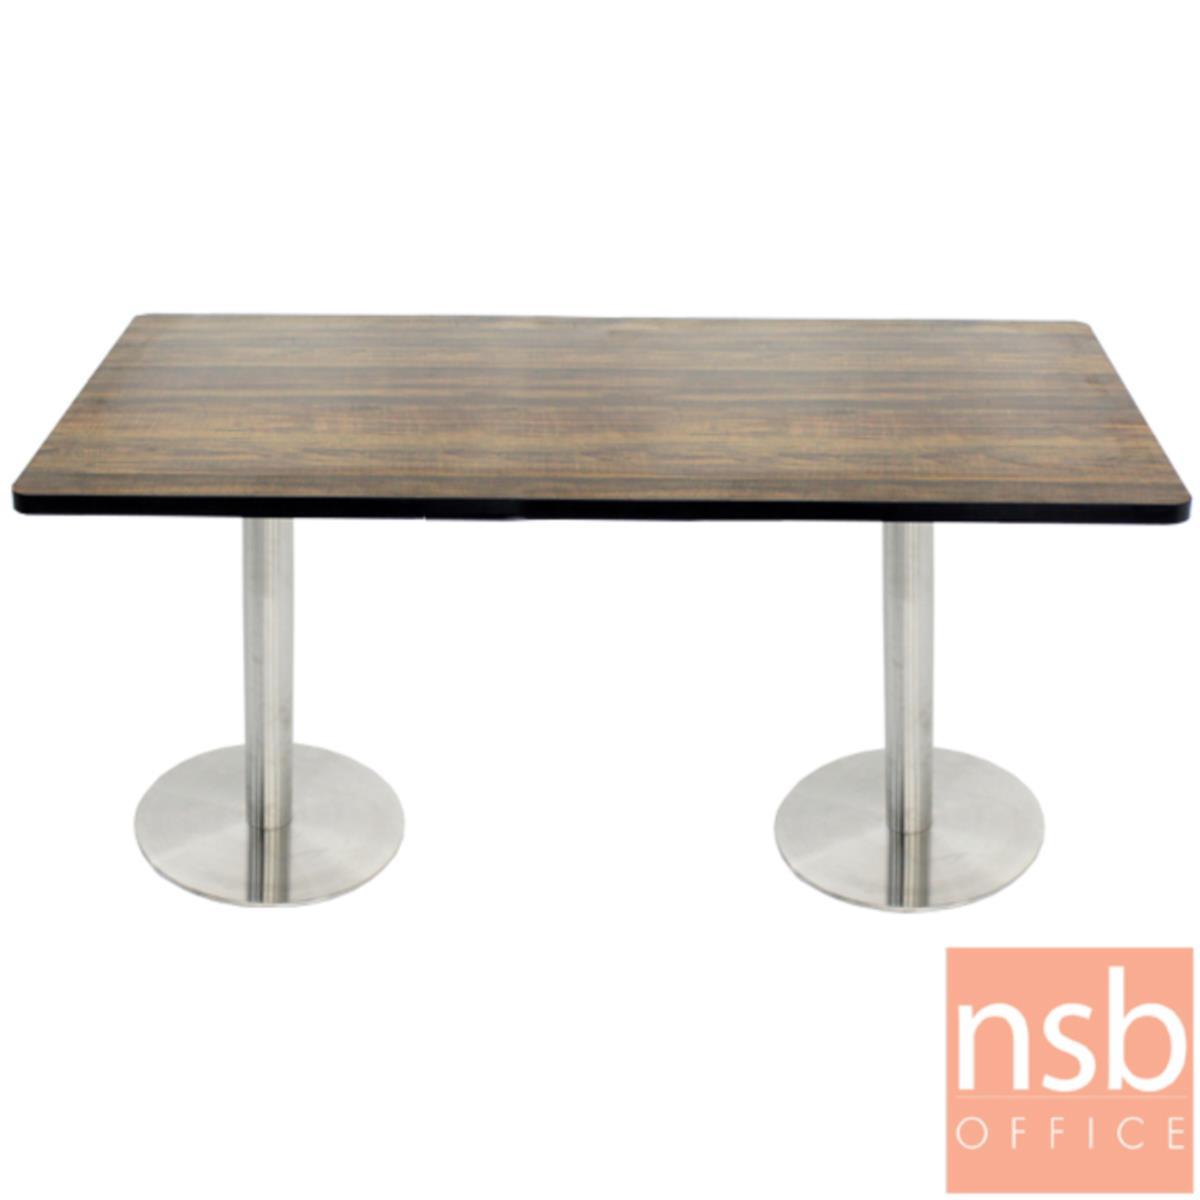 A14A205:โต๊ะหน้าเมลามีน   ขนาด 160W ,180W cm.  ขาสแตนเลสฐานกลมแบน